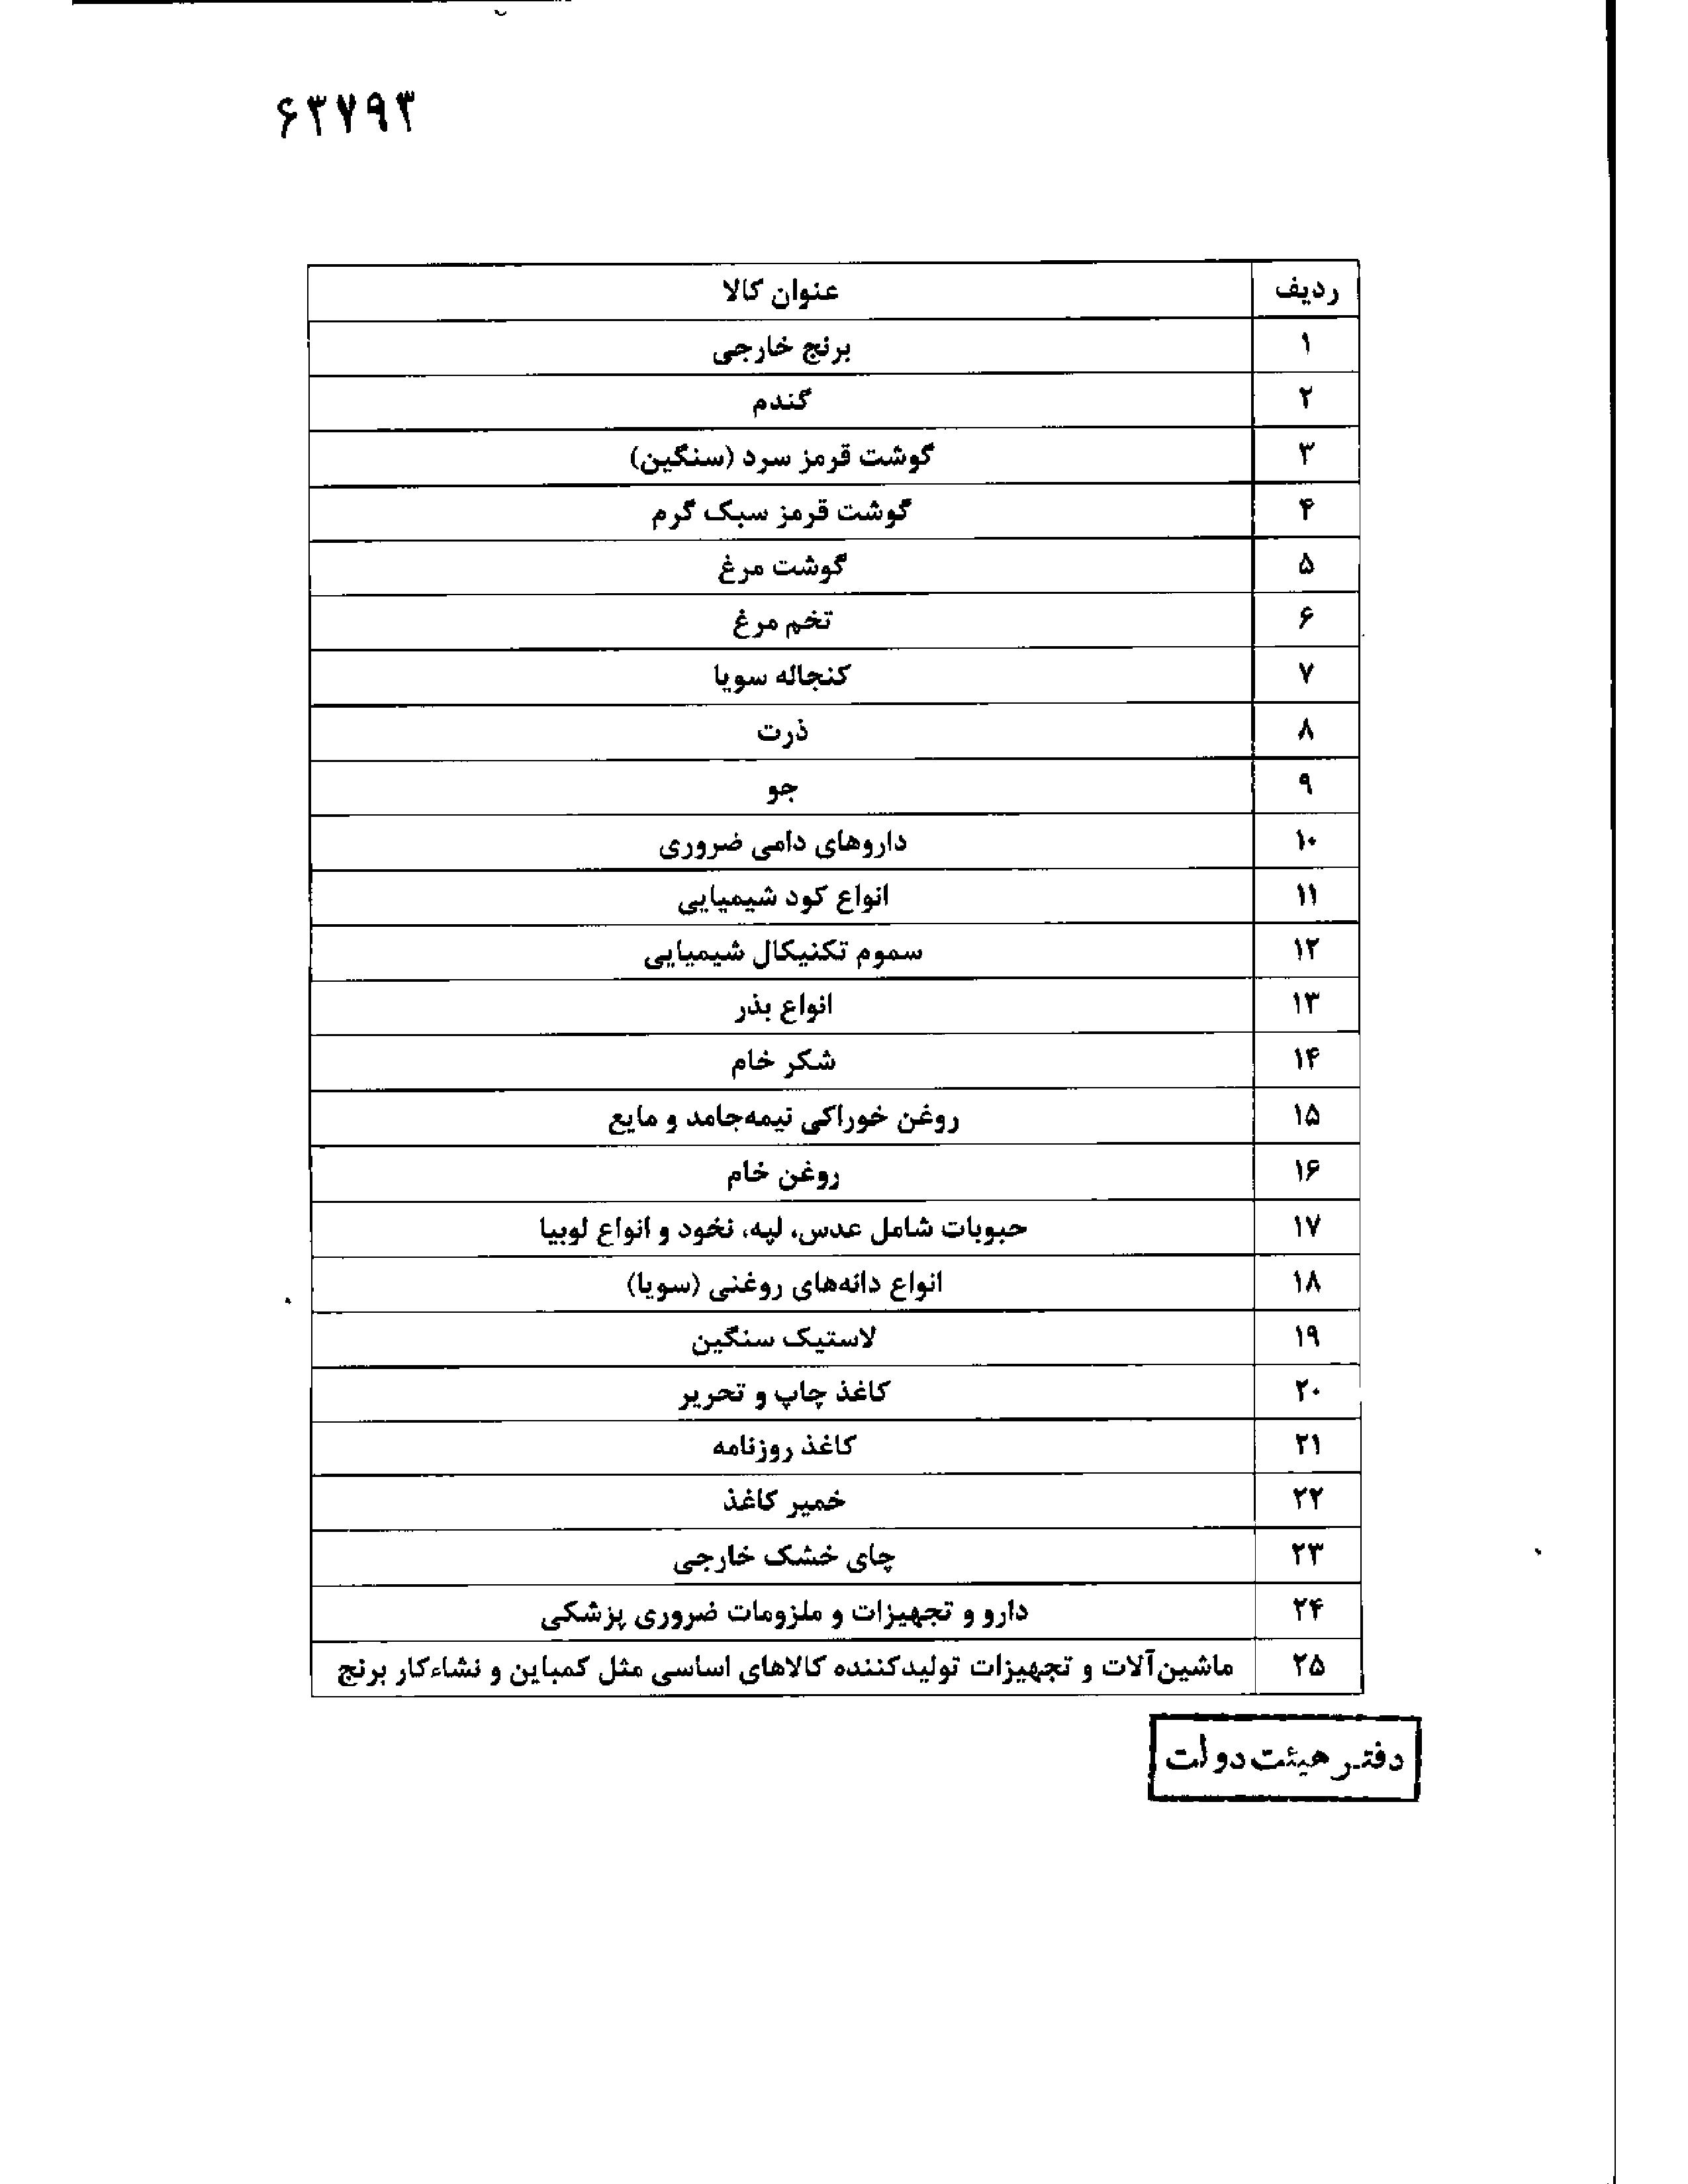 فهرست کالاهای مشمول ارز ۴۲۰۰ تومانی اعلام شد